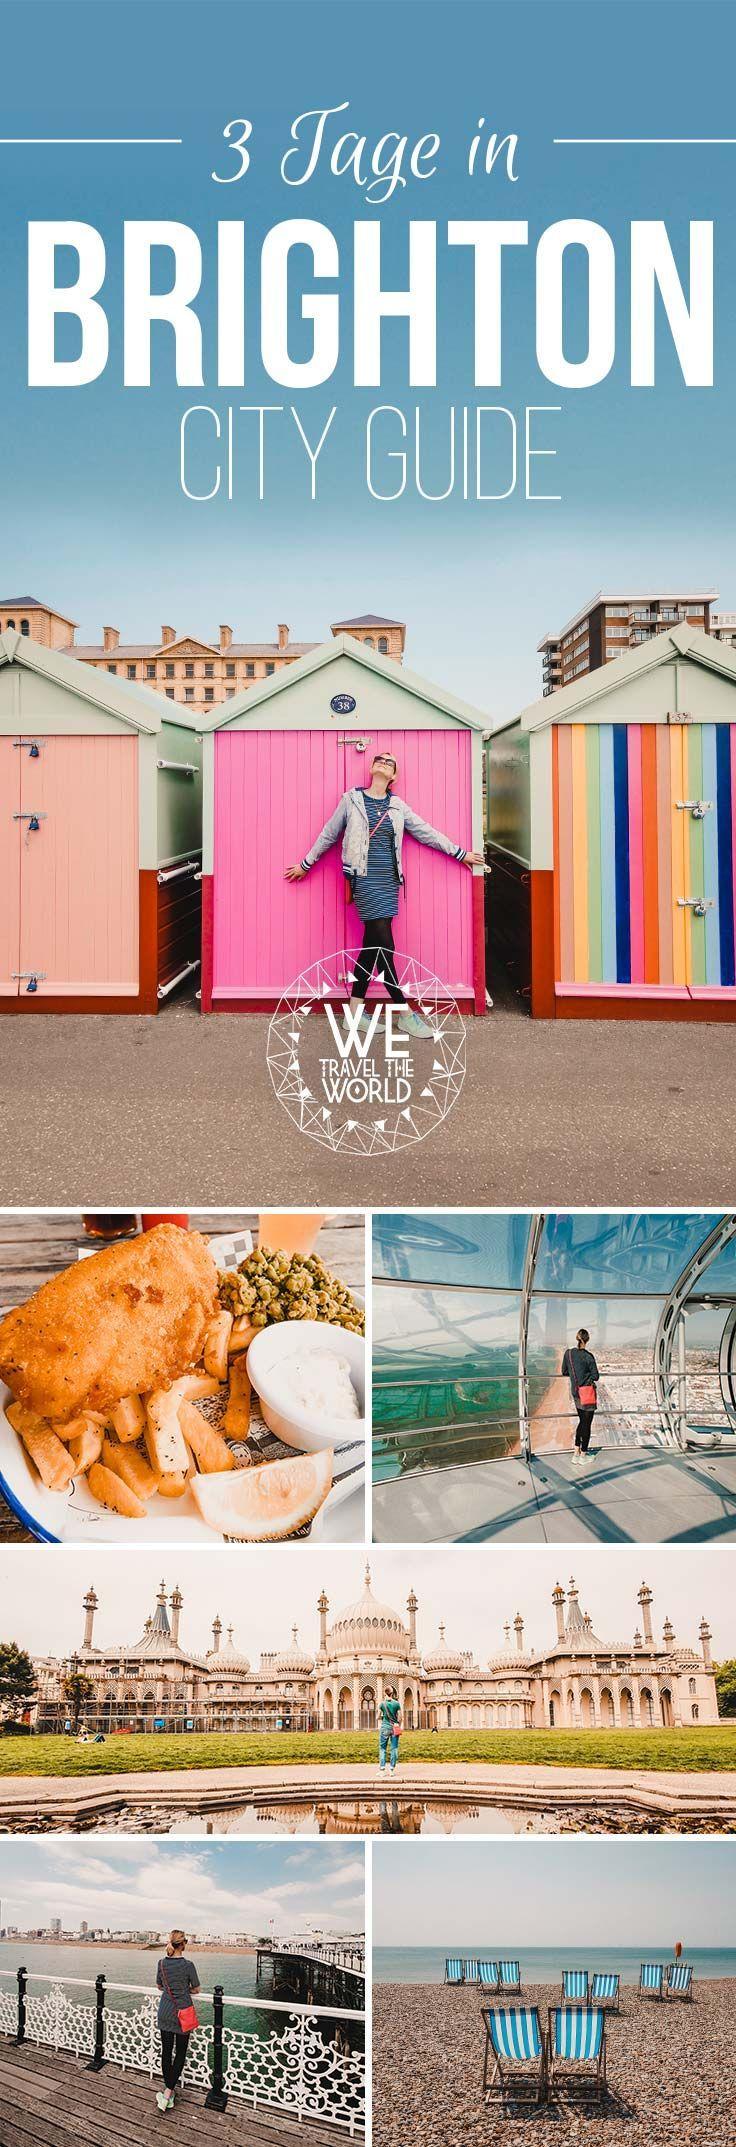 Brighton in 3 Tagen – City Guide mit 17 großartigen Sehenswürdigkeiten, die jeder besichtigt haben sollte – The Happy Jetlagger – Travel and Photography